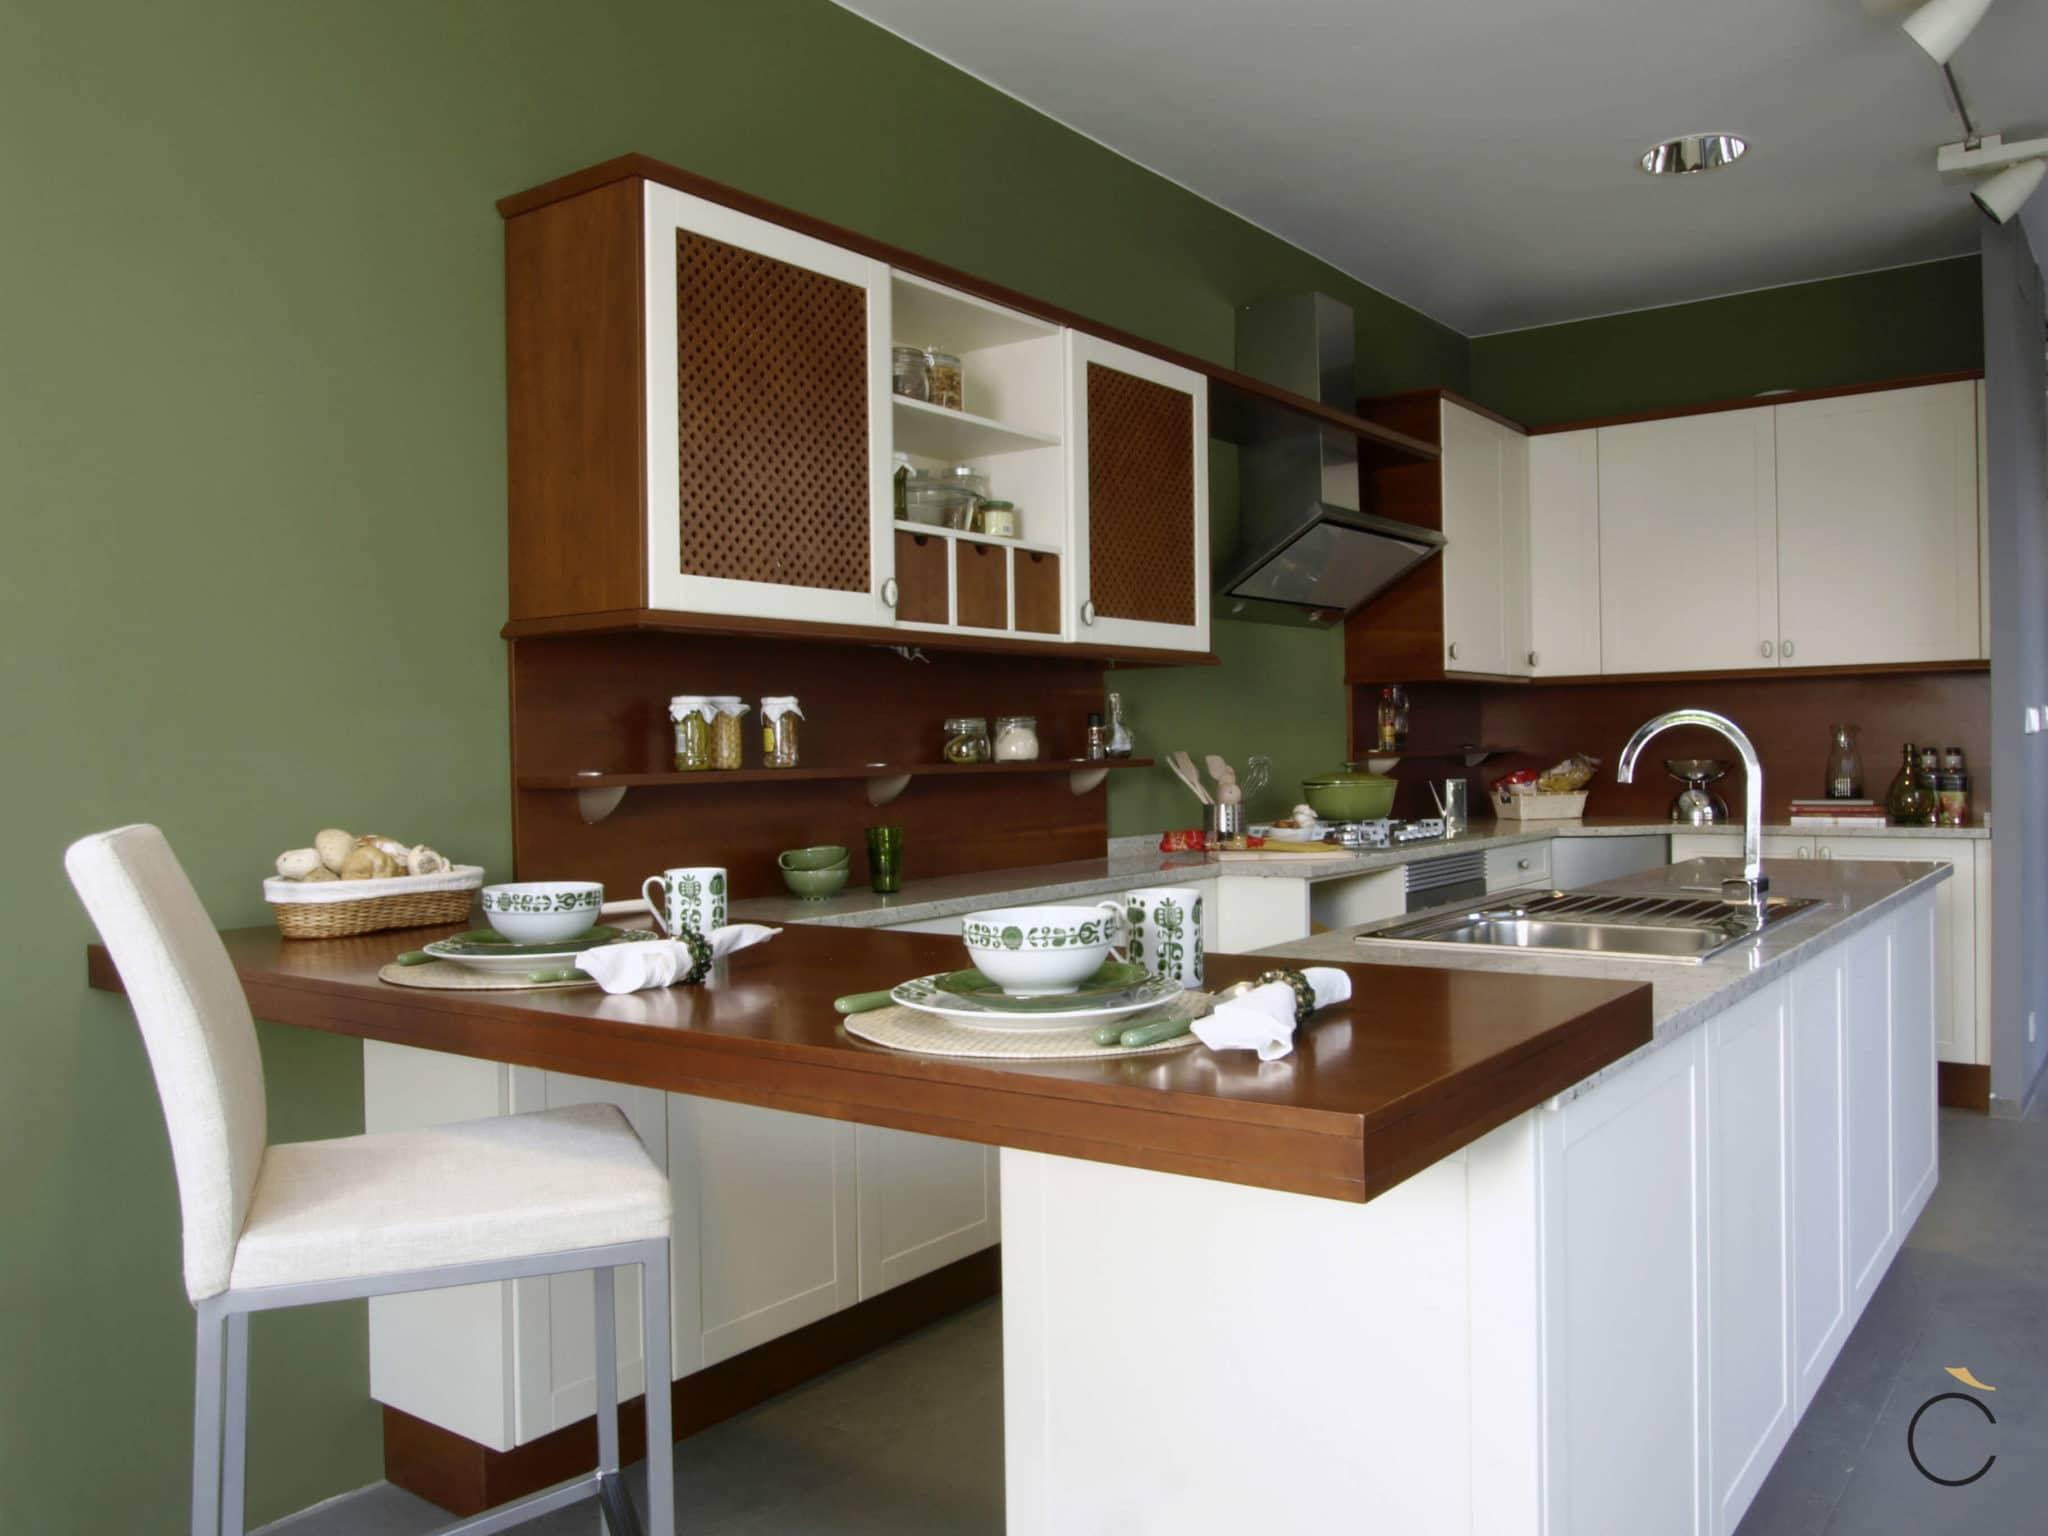 Cocinas Camperas Rusticas. Como Decorar Un Salon Rustico With Como ...